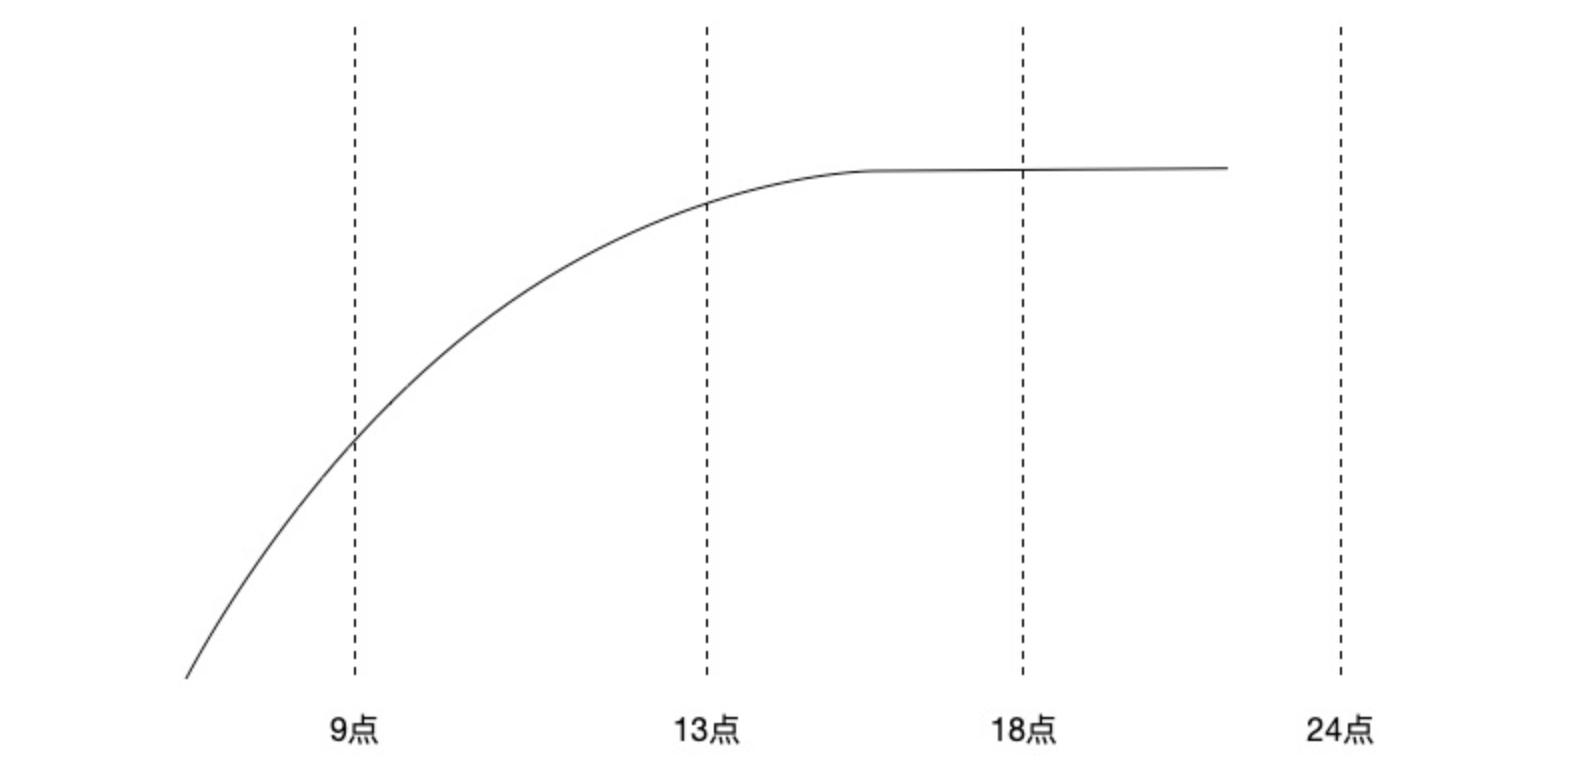 show-data-2